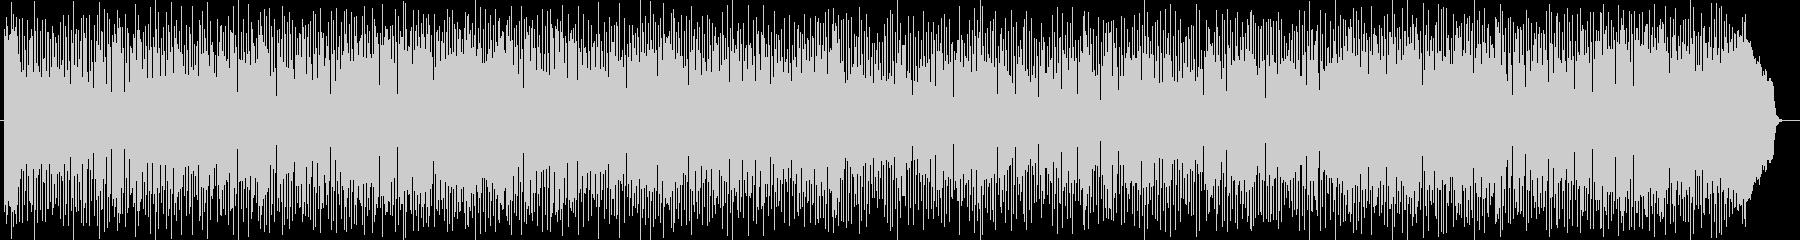 ストリングスの音色のポップスの未再生の波形